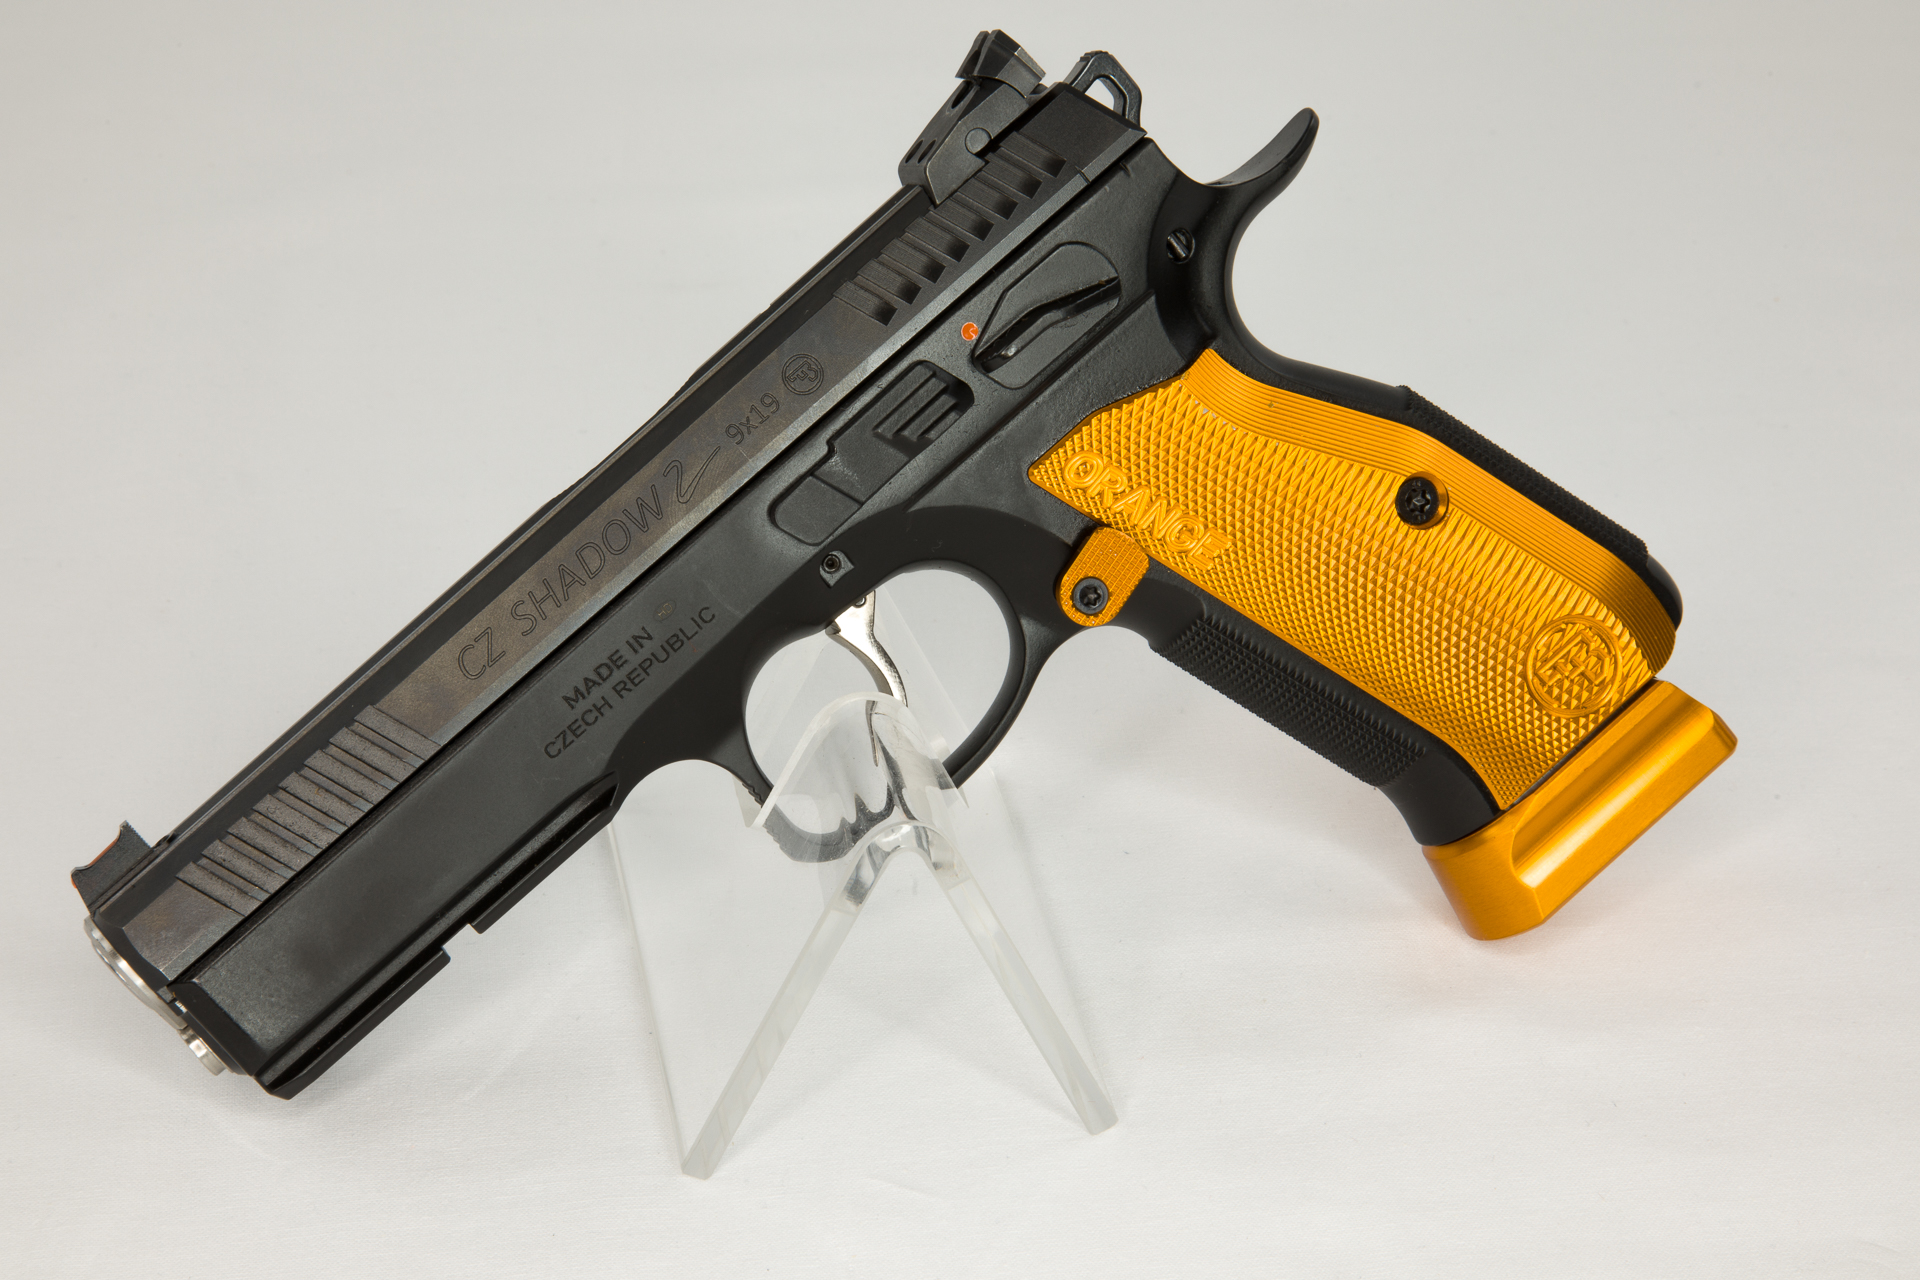 gebr. BRÜNNER CZ75 Shadow 2 Orange